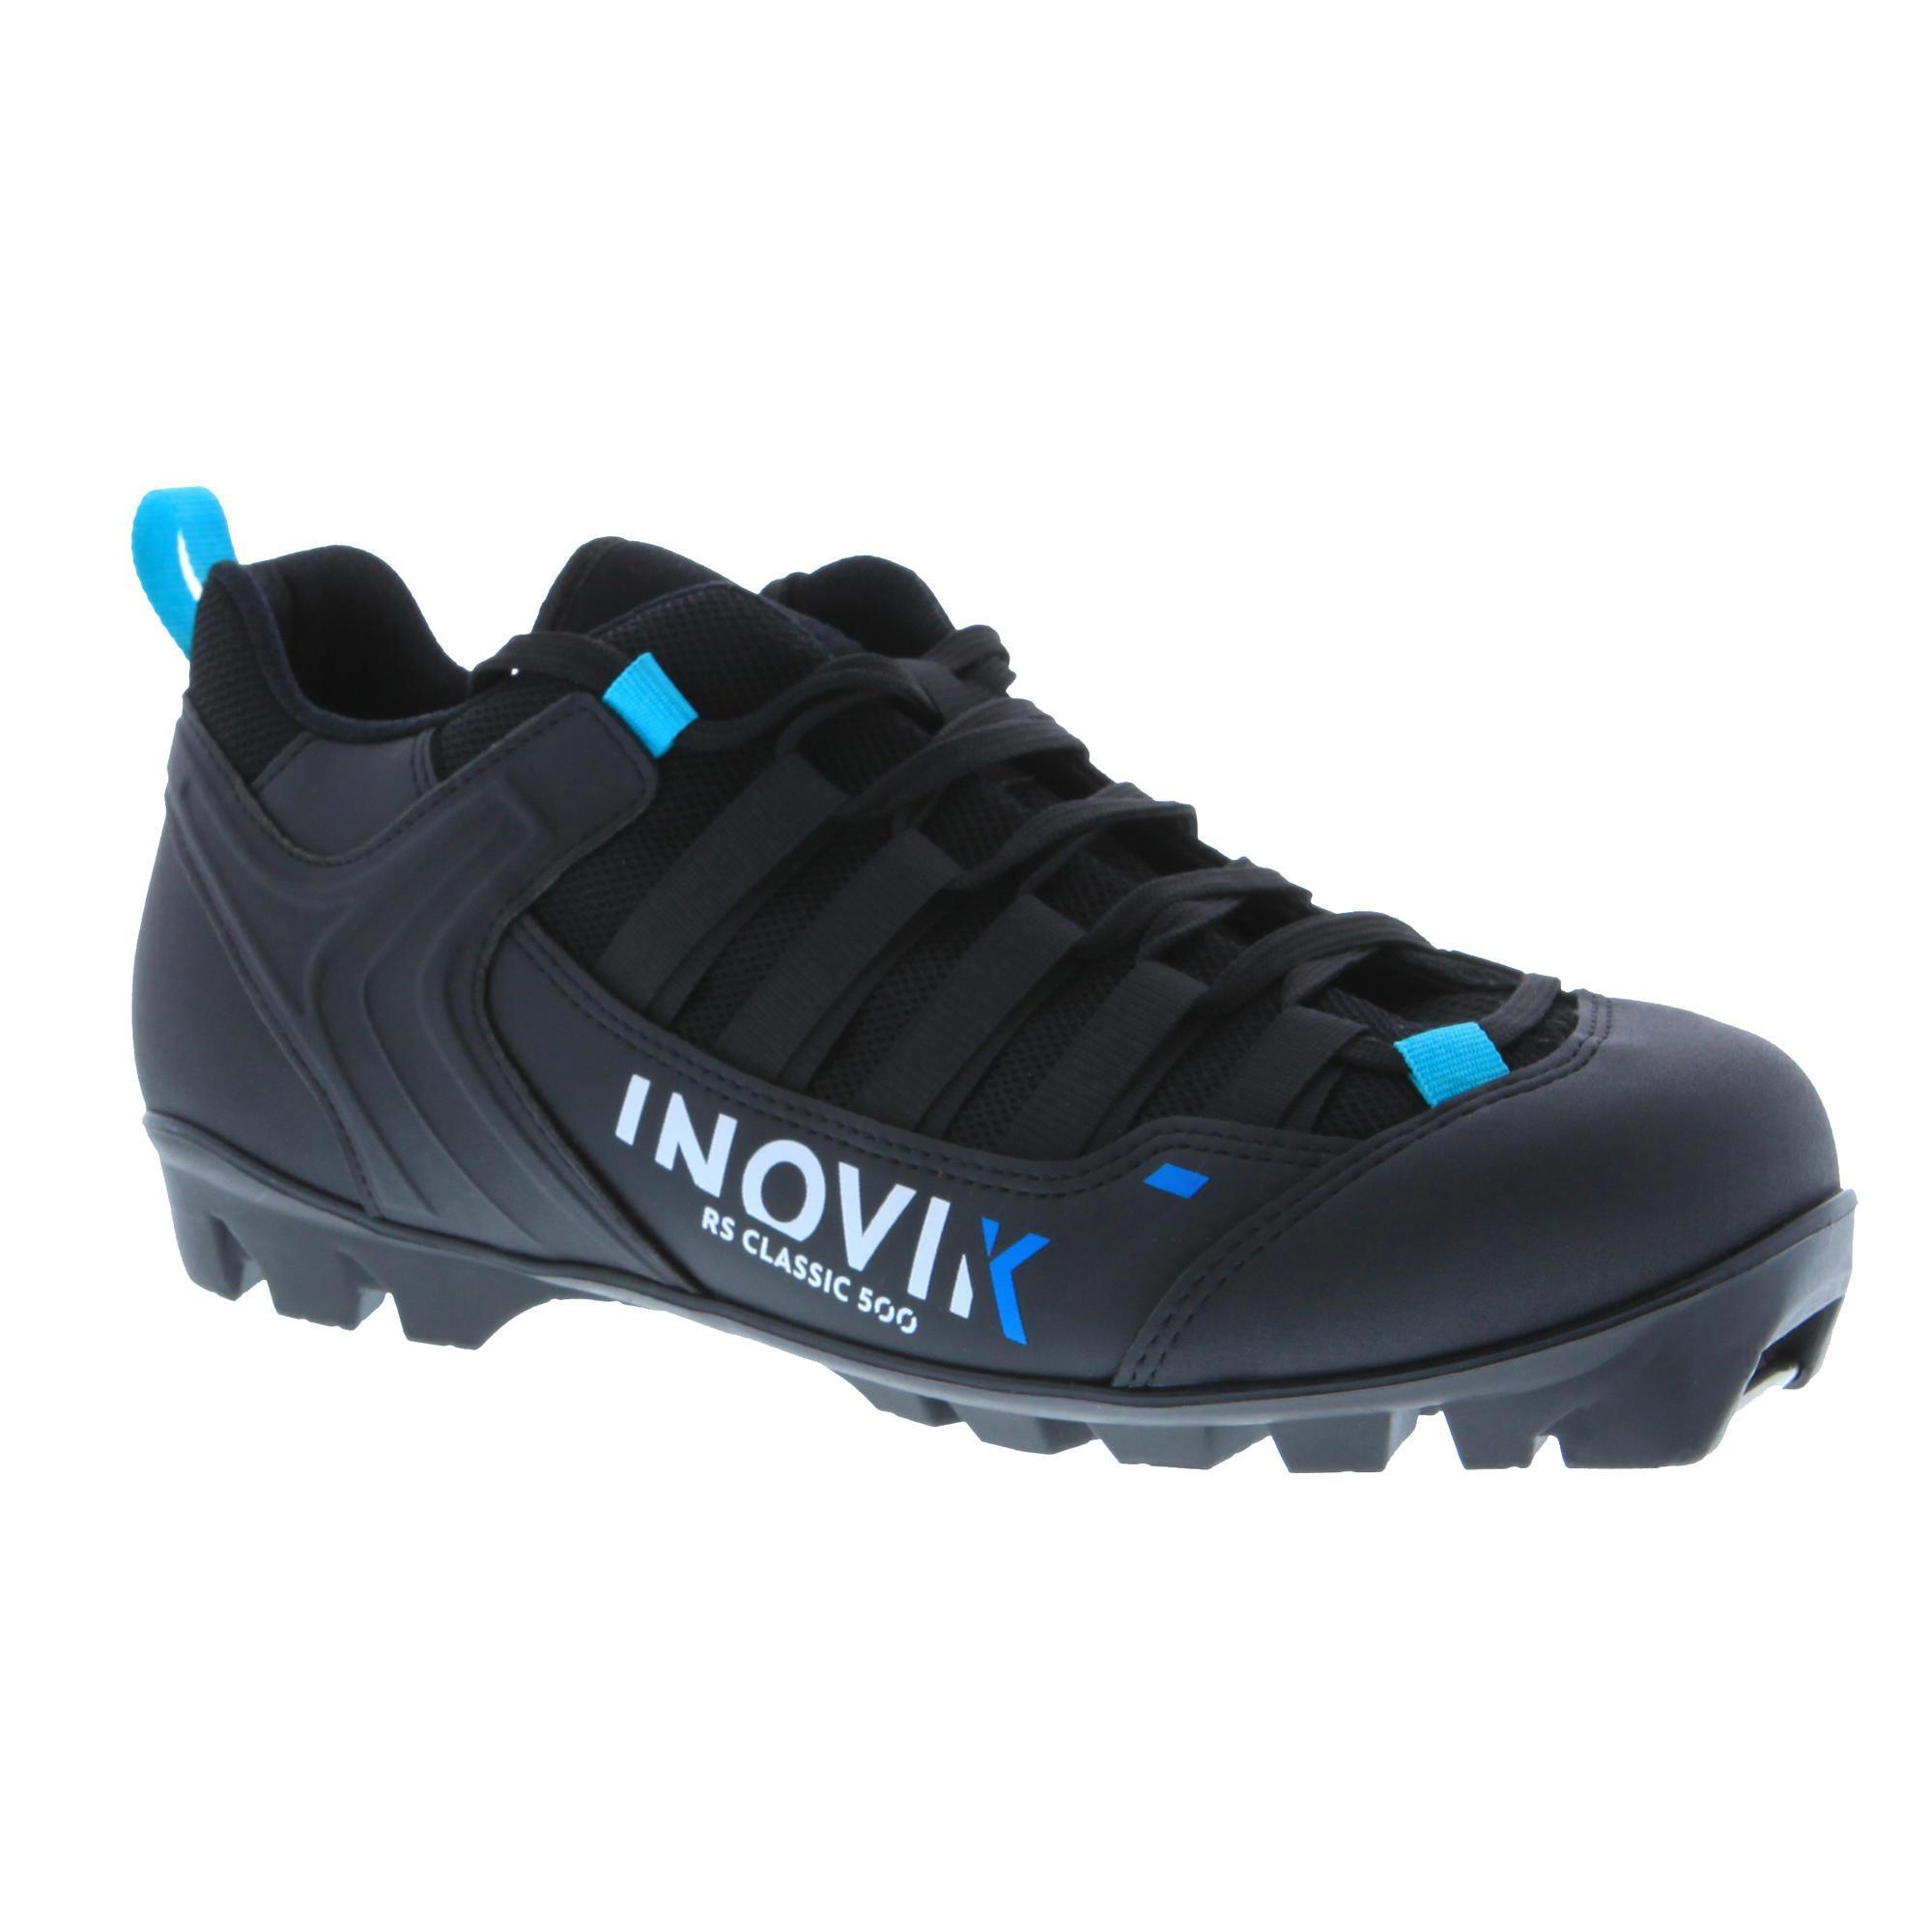 Inovik Schoenen voor klassieke rolski's volwassenen XC SR BOOTS CLASSIC 500 zwart